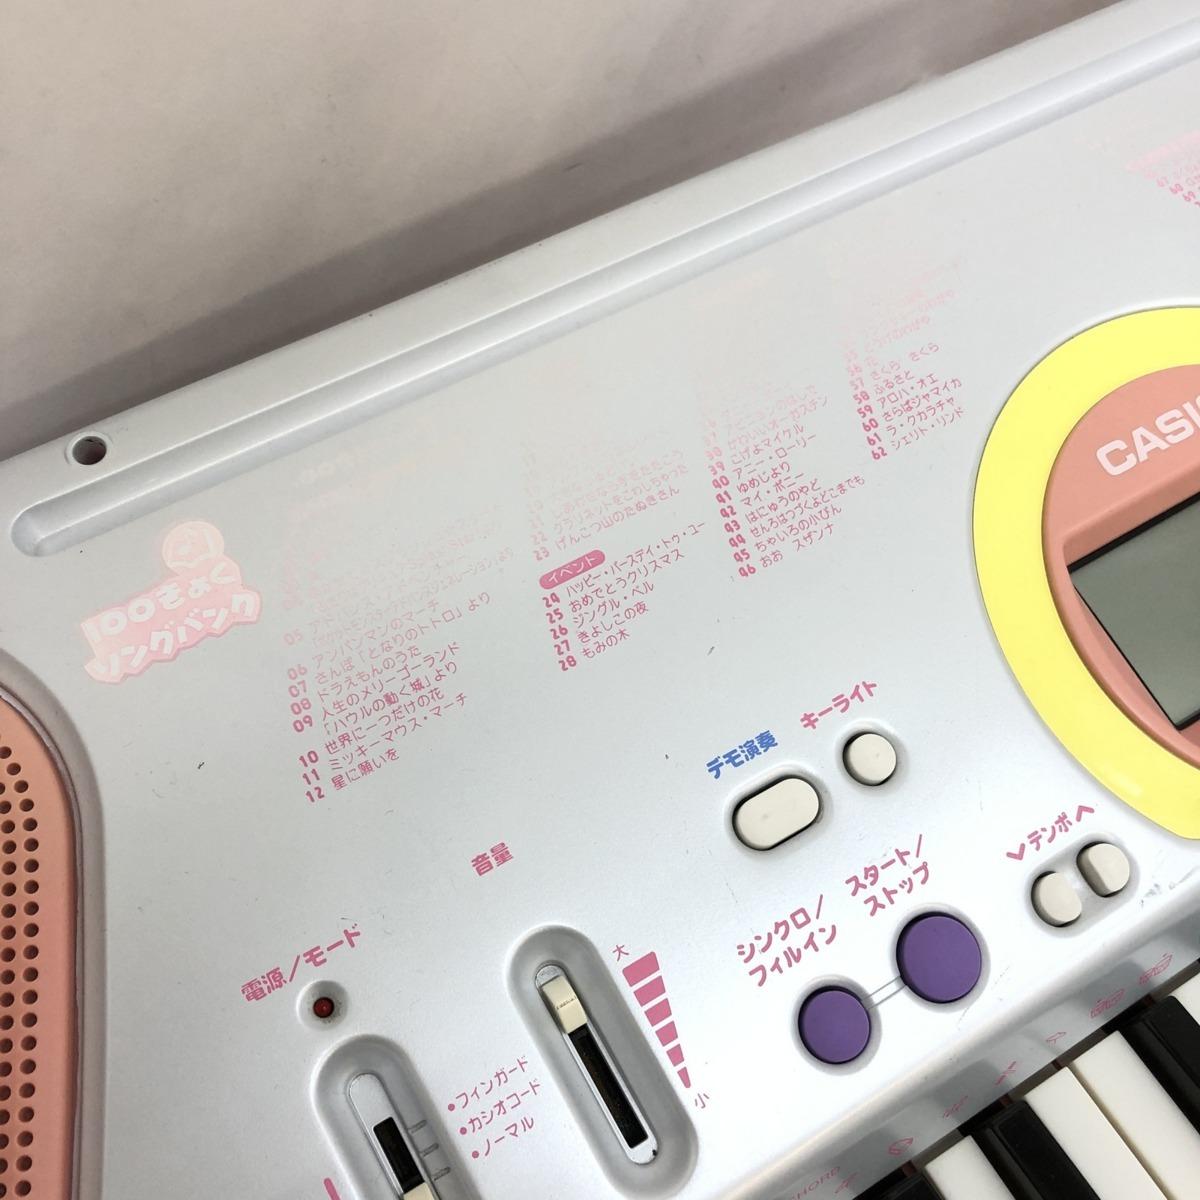 中古 CASIO カシオ 電子キーボード LK-102PK 61鍵盤 光ナビゲーション シルバー ピンク系 ポップカラー 電子ピアノ H15209_画像2